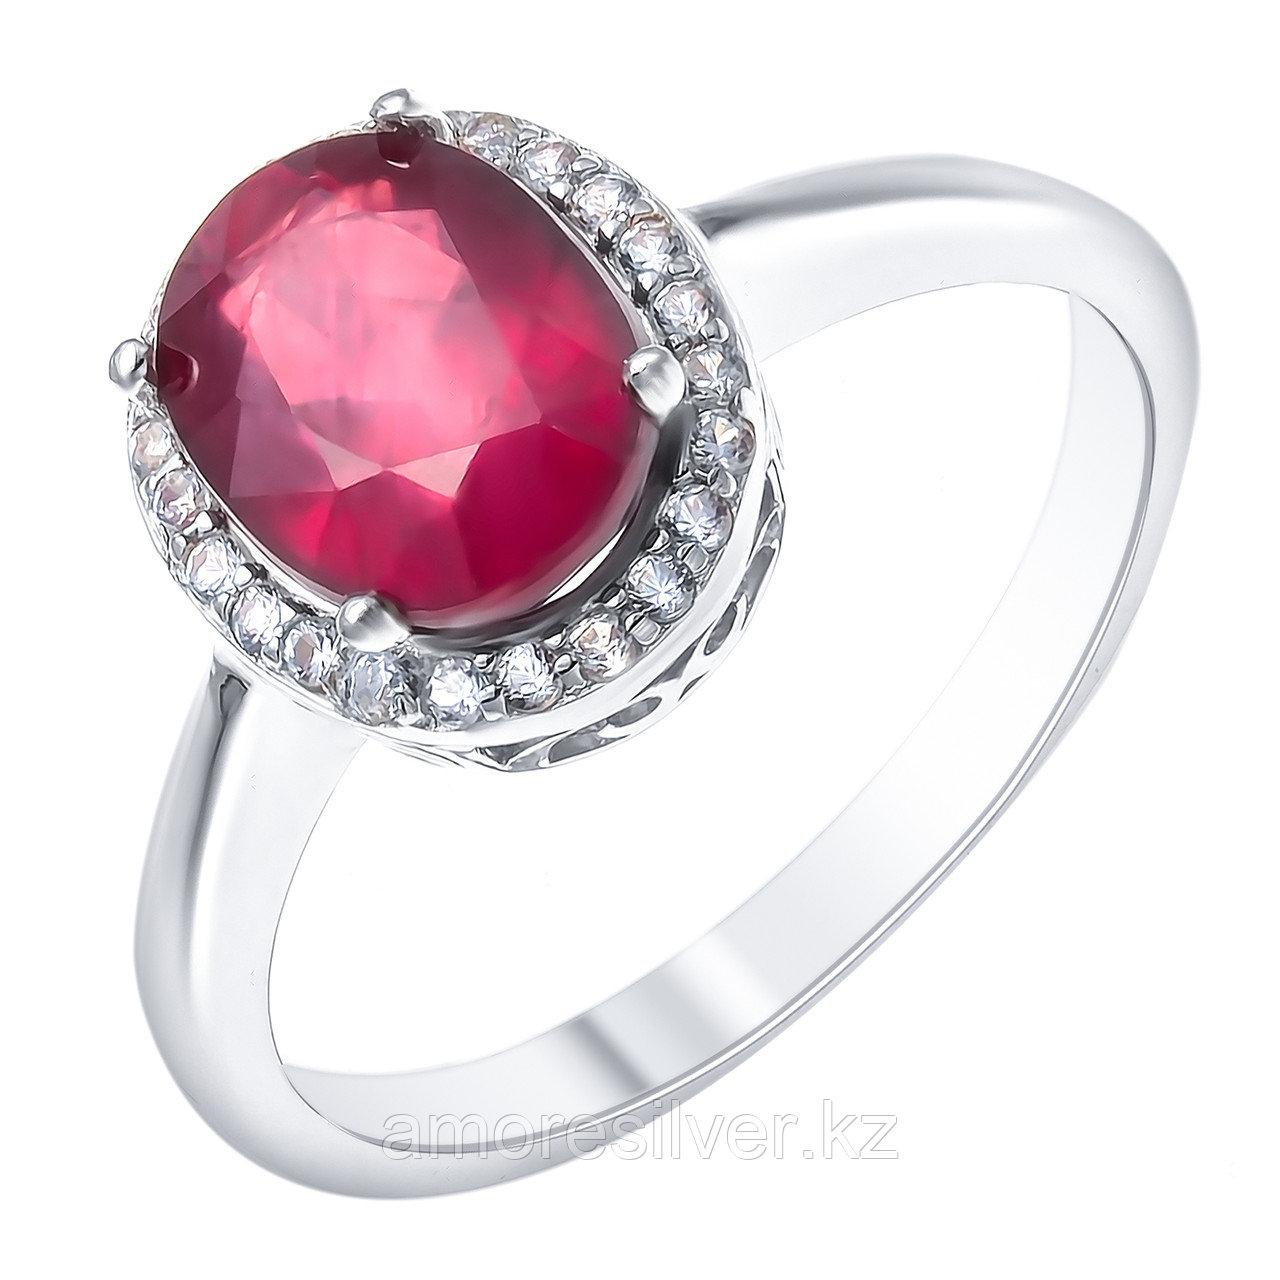 """Кольцо Teosa серебро с родием, рубин топаз, """"halo"""" R-DRGR00907-RB-T"""